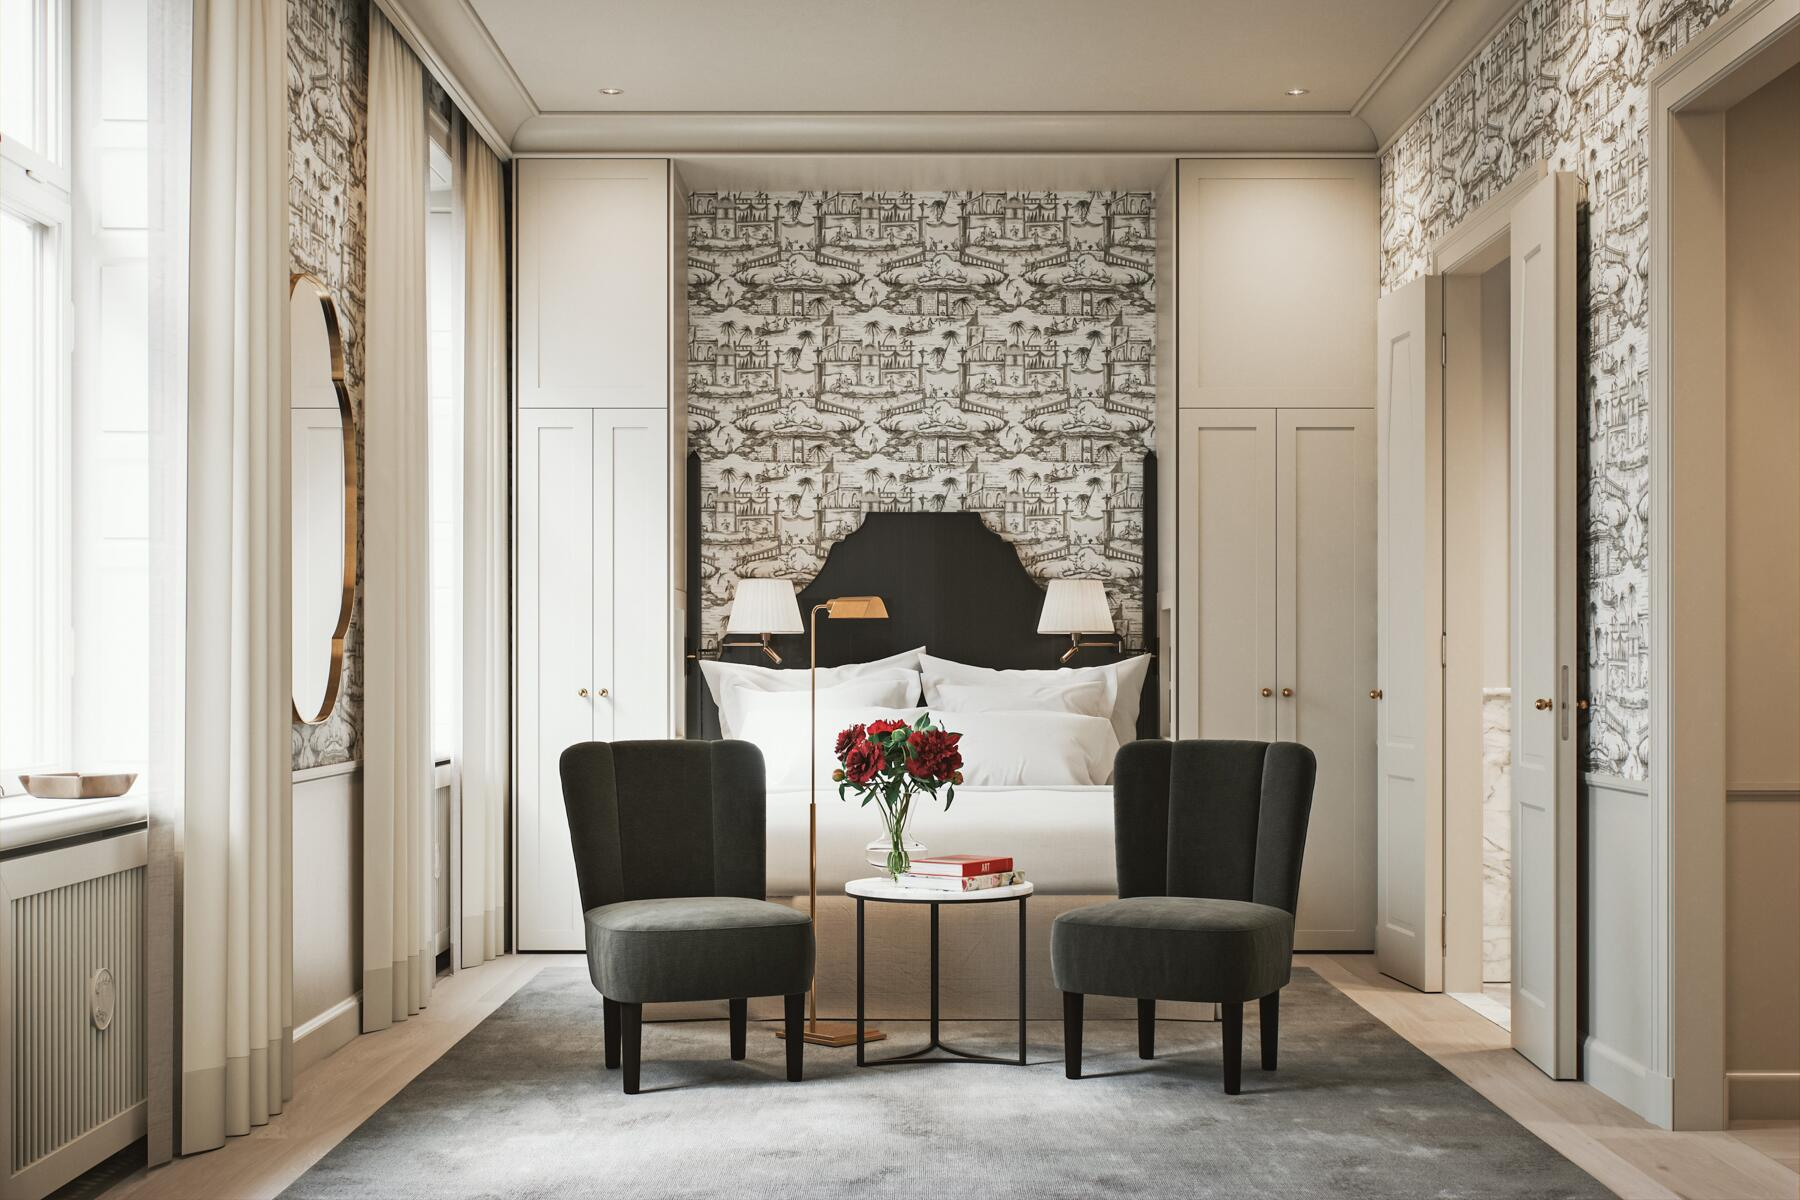 22_NewHotels2020__VillaDagmar_17.) Villa Dagmar hotel room